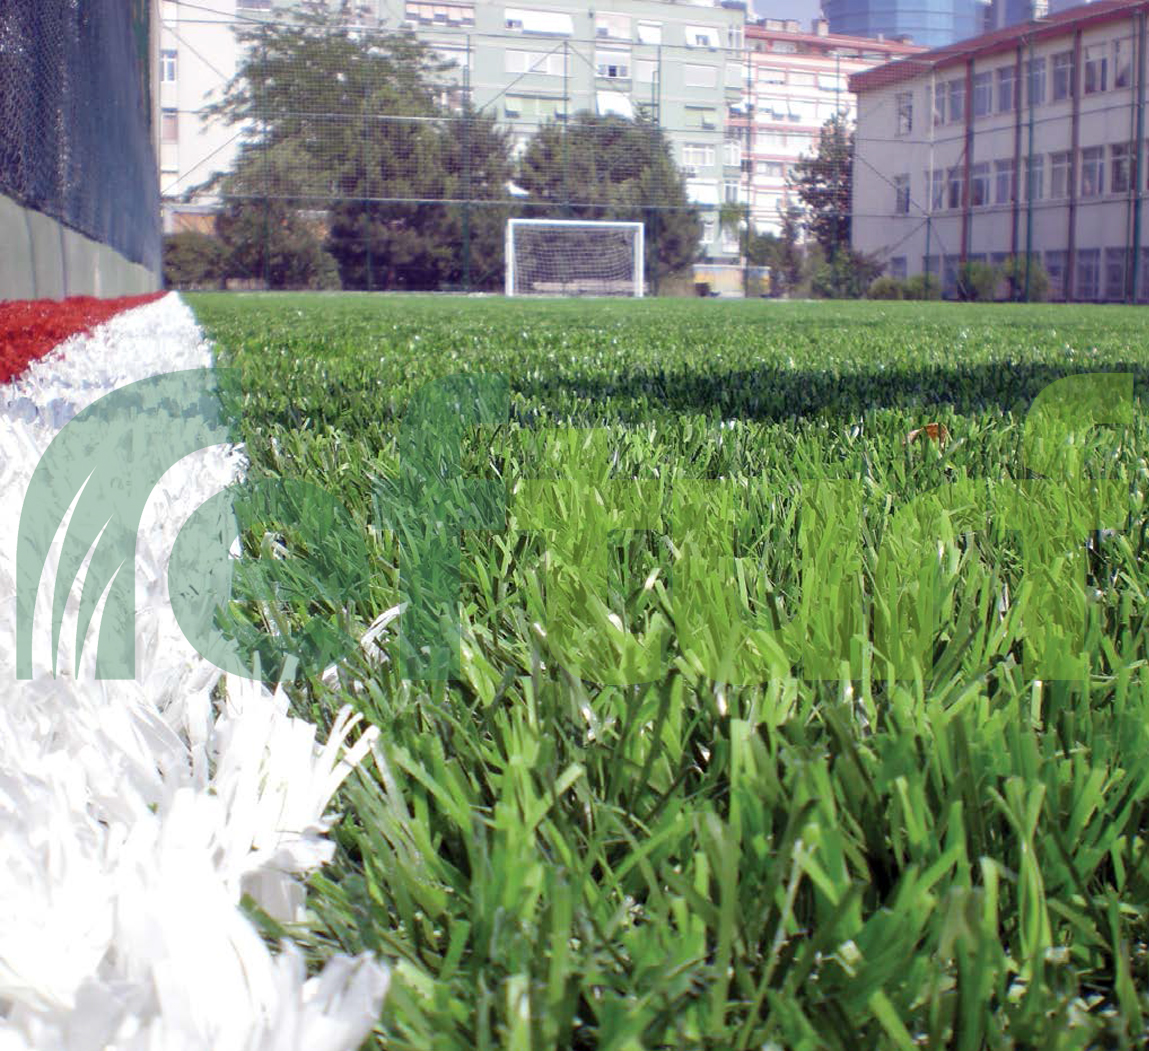 sentetik çim, suni çim bakım, sentetik çim bakım, yakın çekim çim, yeşillik,